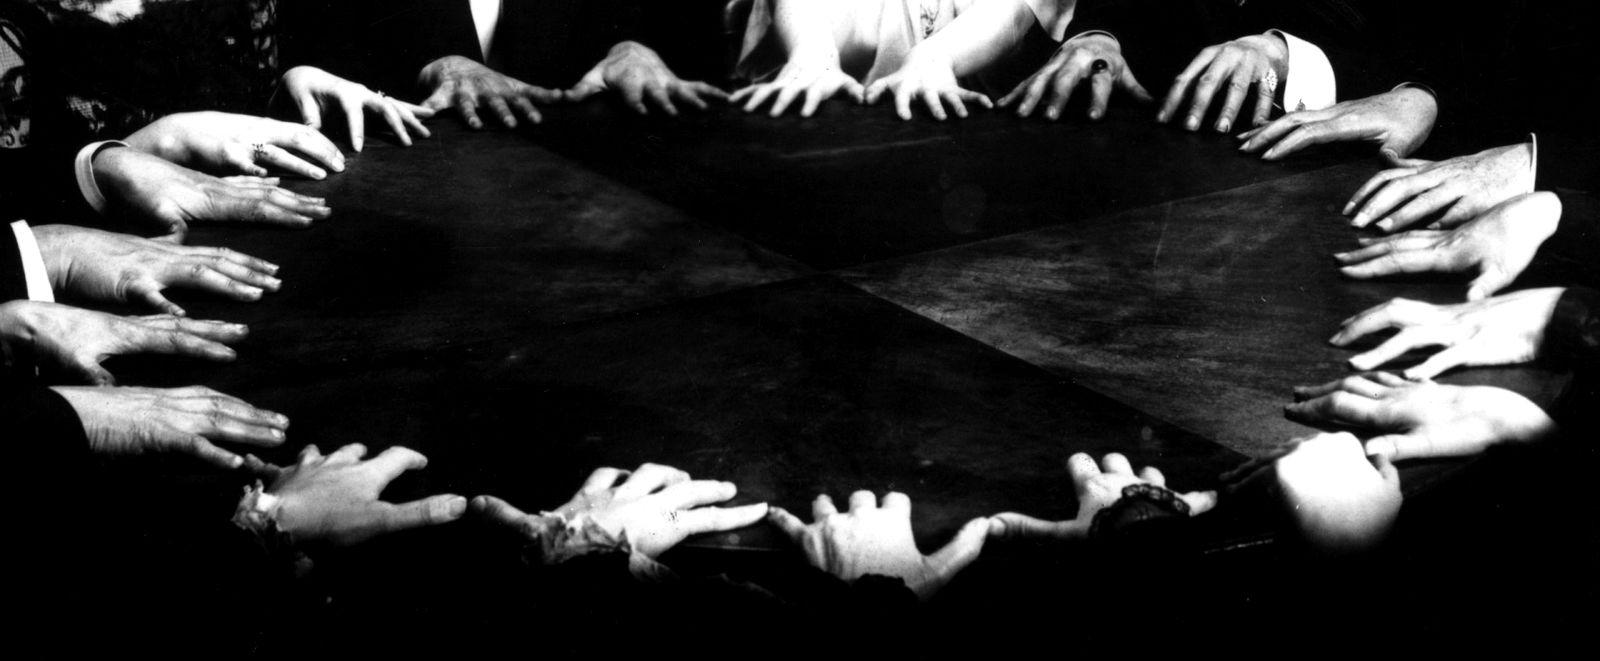 Cuales son las Consecuencias de Jugar a la Ouija